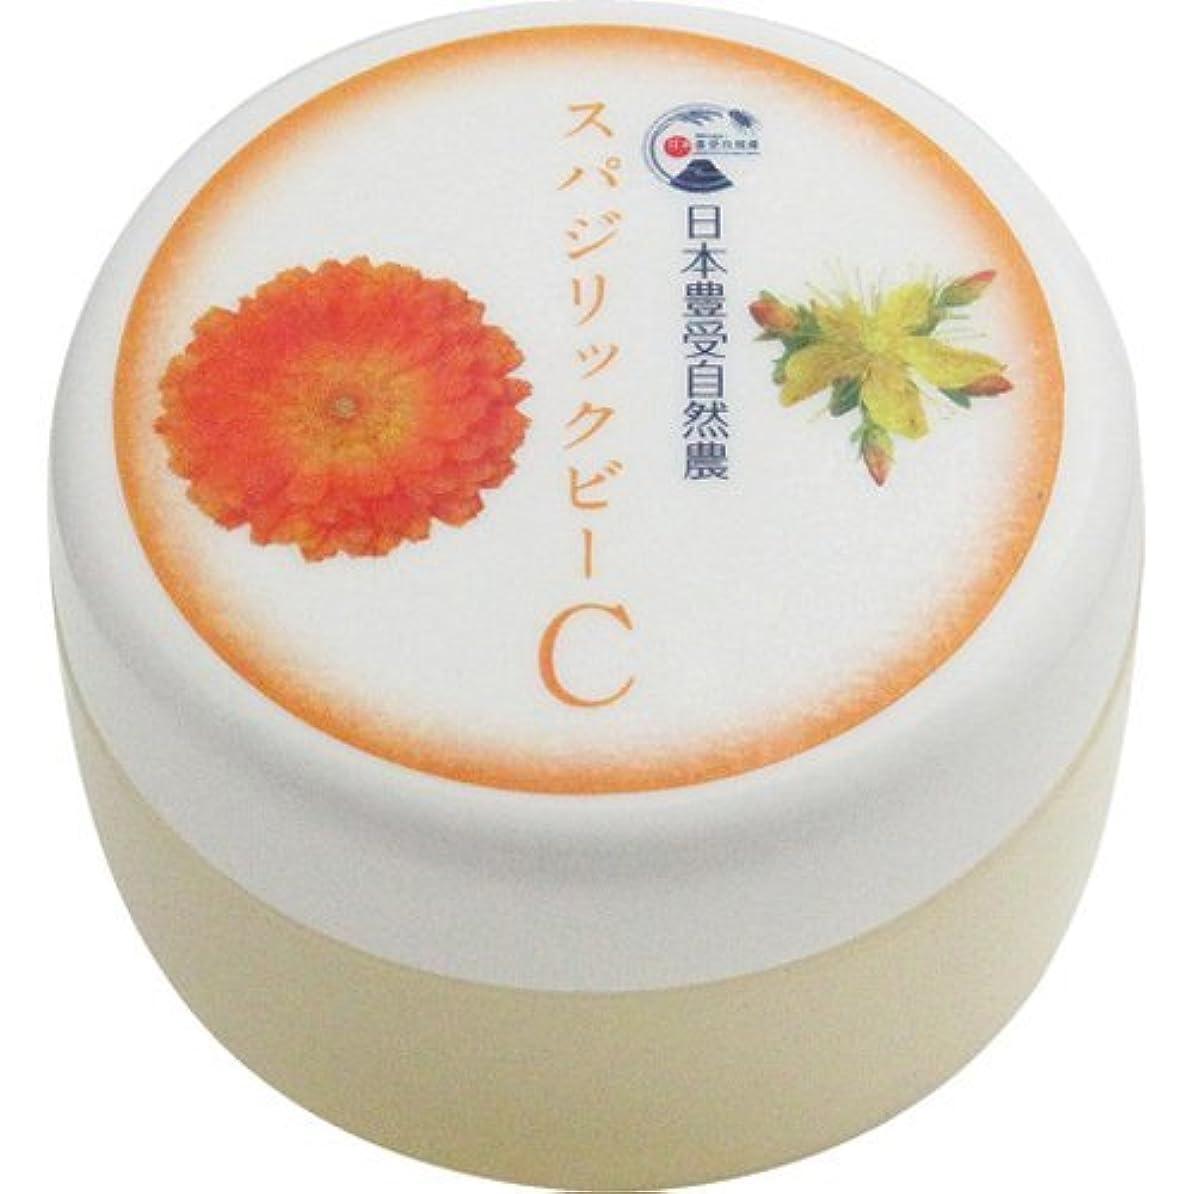 正規化決定的従来の日本豊受自然農 スパジリック ビーC(小) 10g